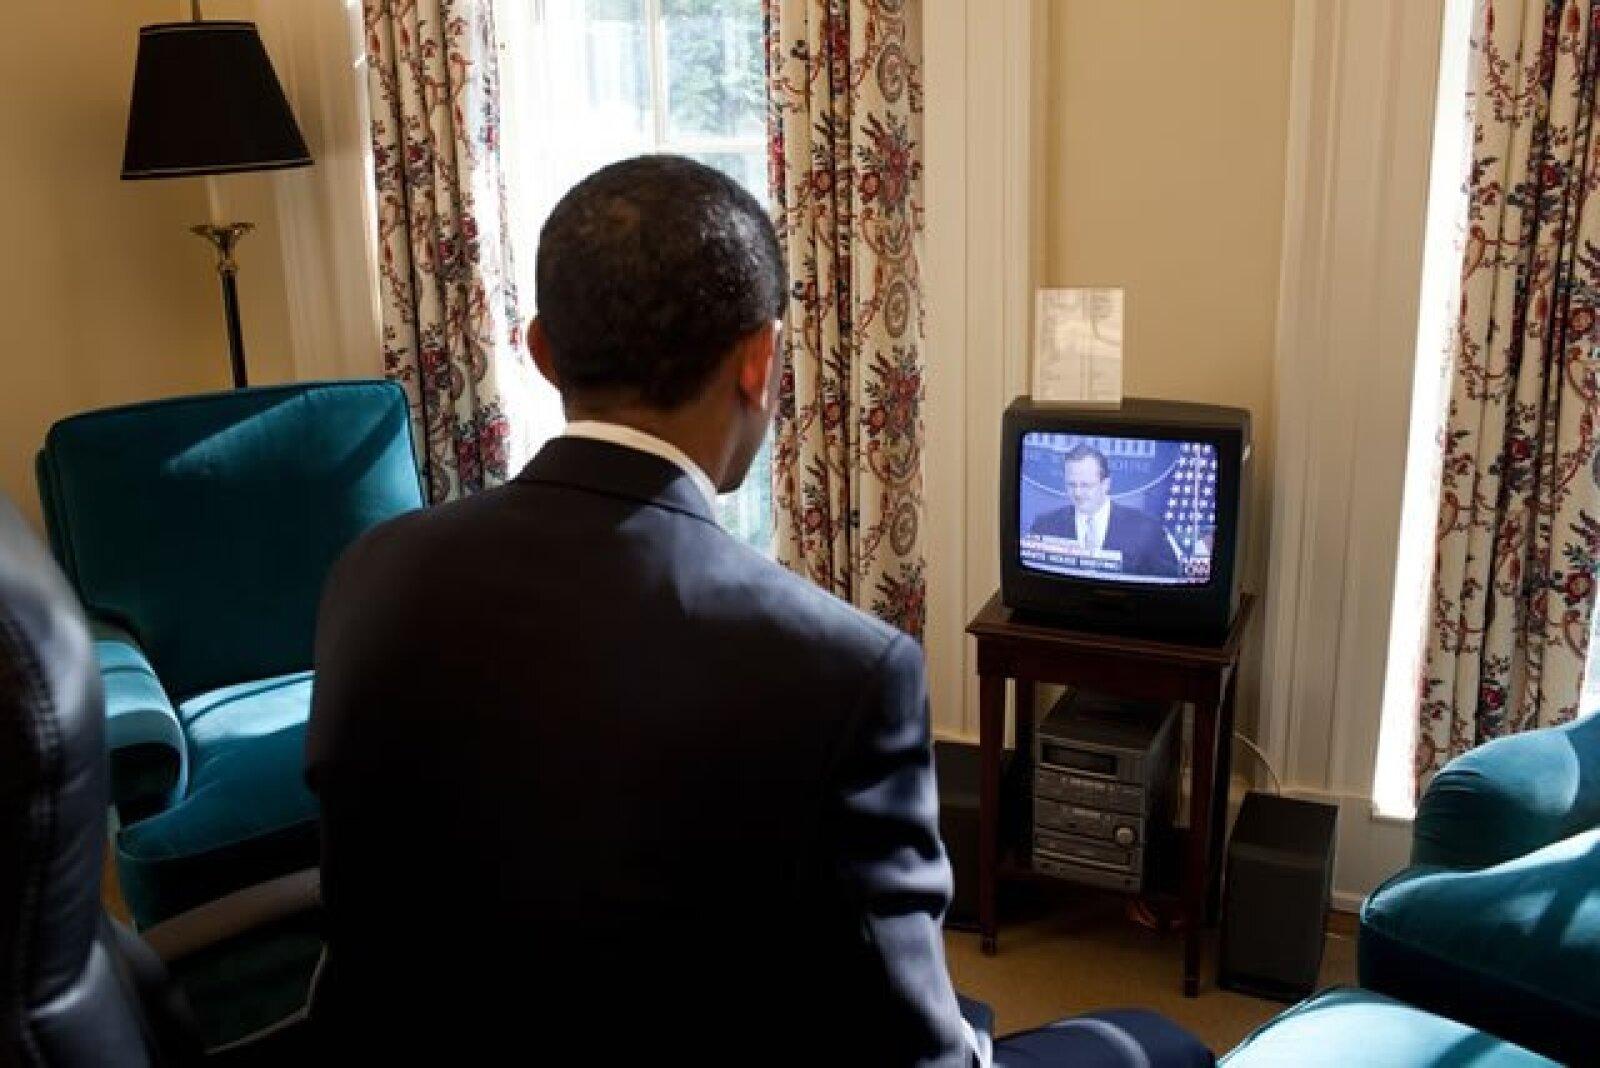 Obama observa en la televisión el primer informe del secretario de prensa en su estudio privado de la Oficina Oval.